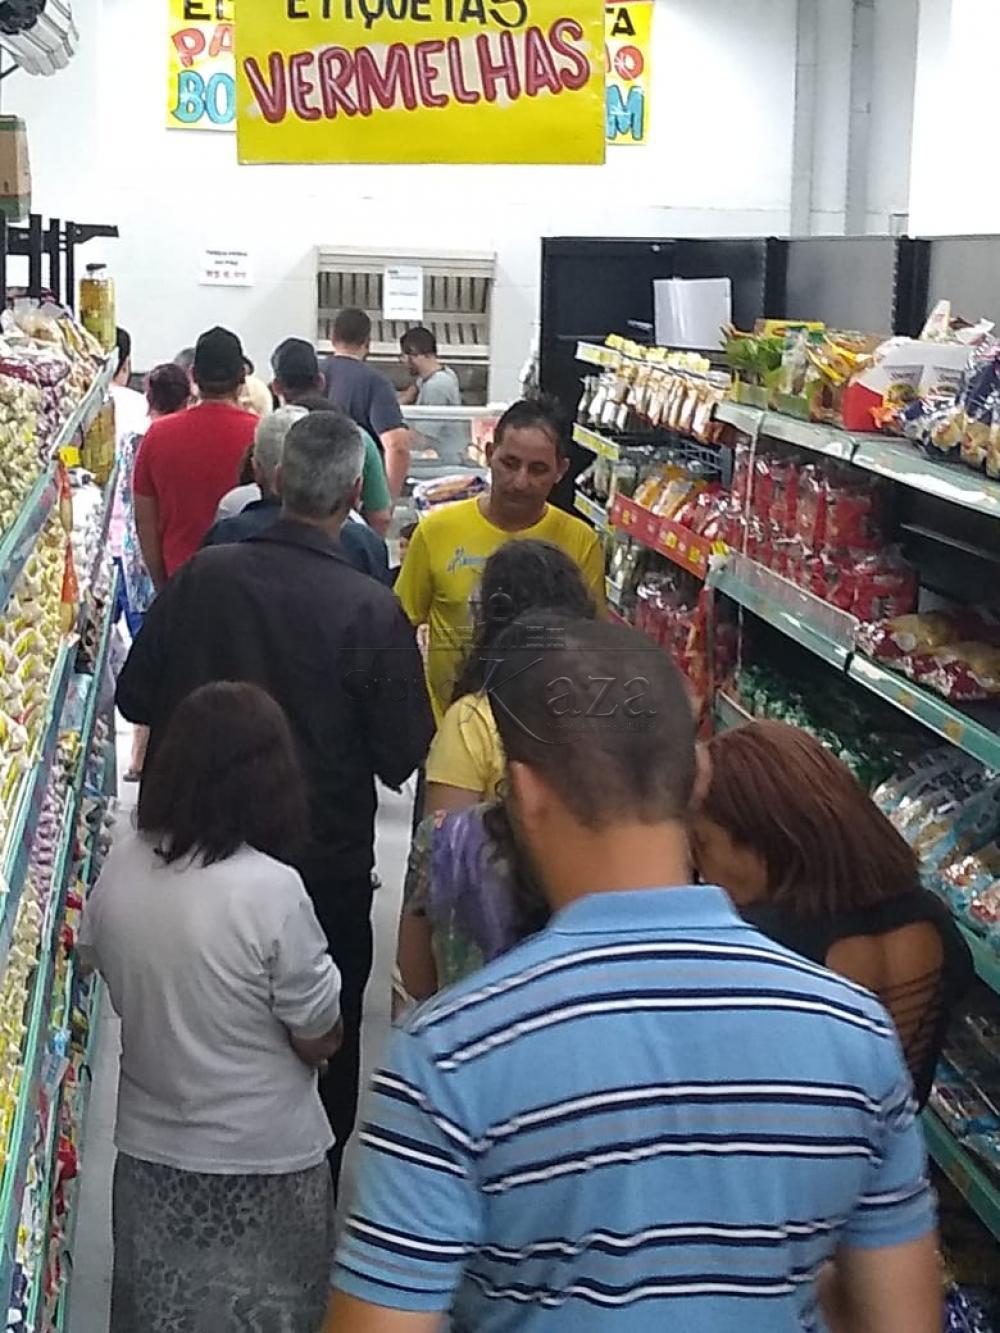 Comprar Comercial / Fundo de Comércio em São José dos Campos apenas R$ 1.500.000,00 - Foto 25